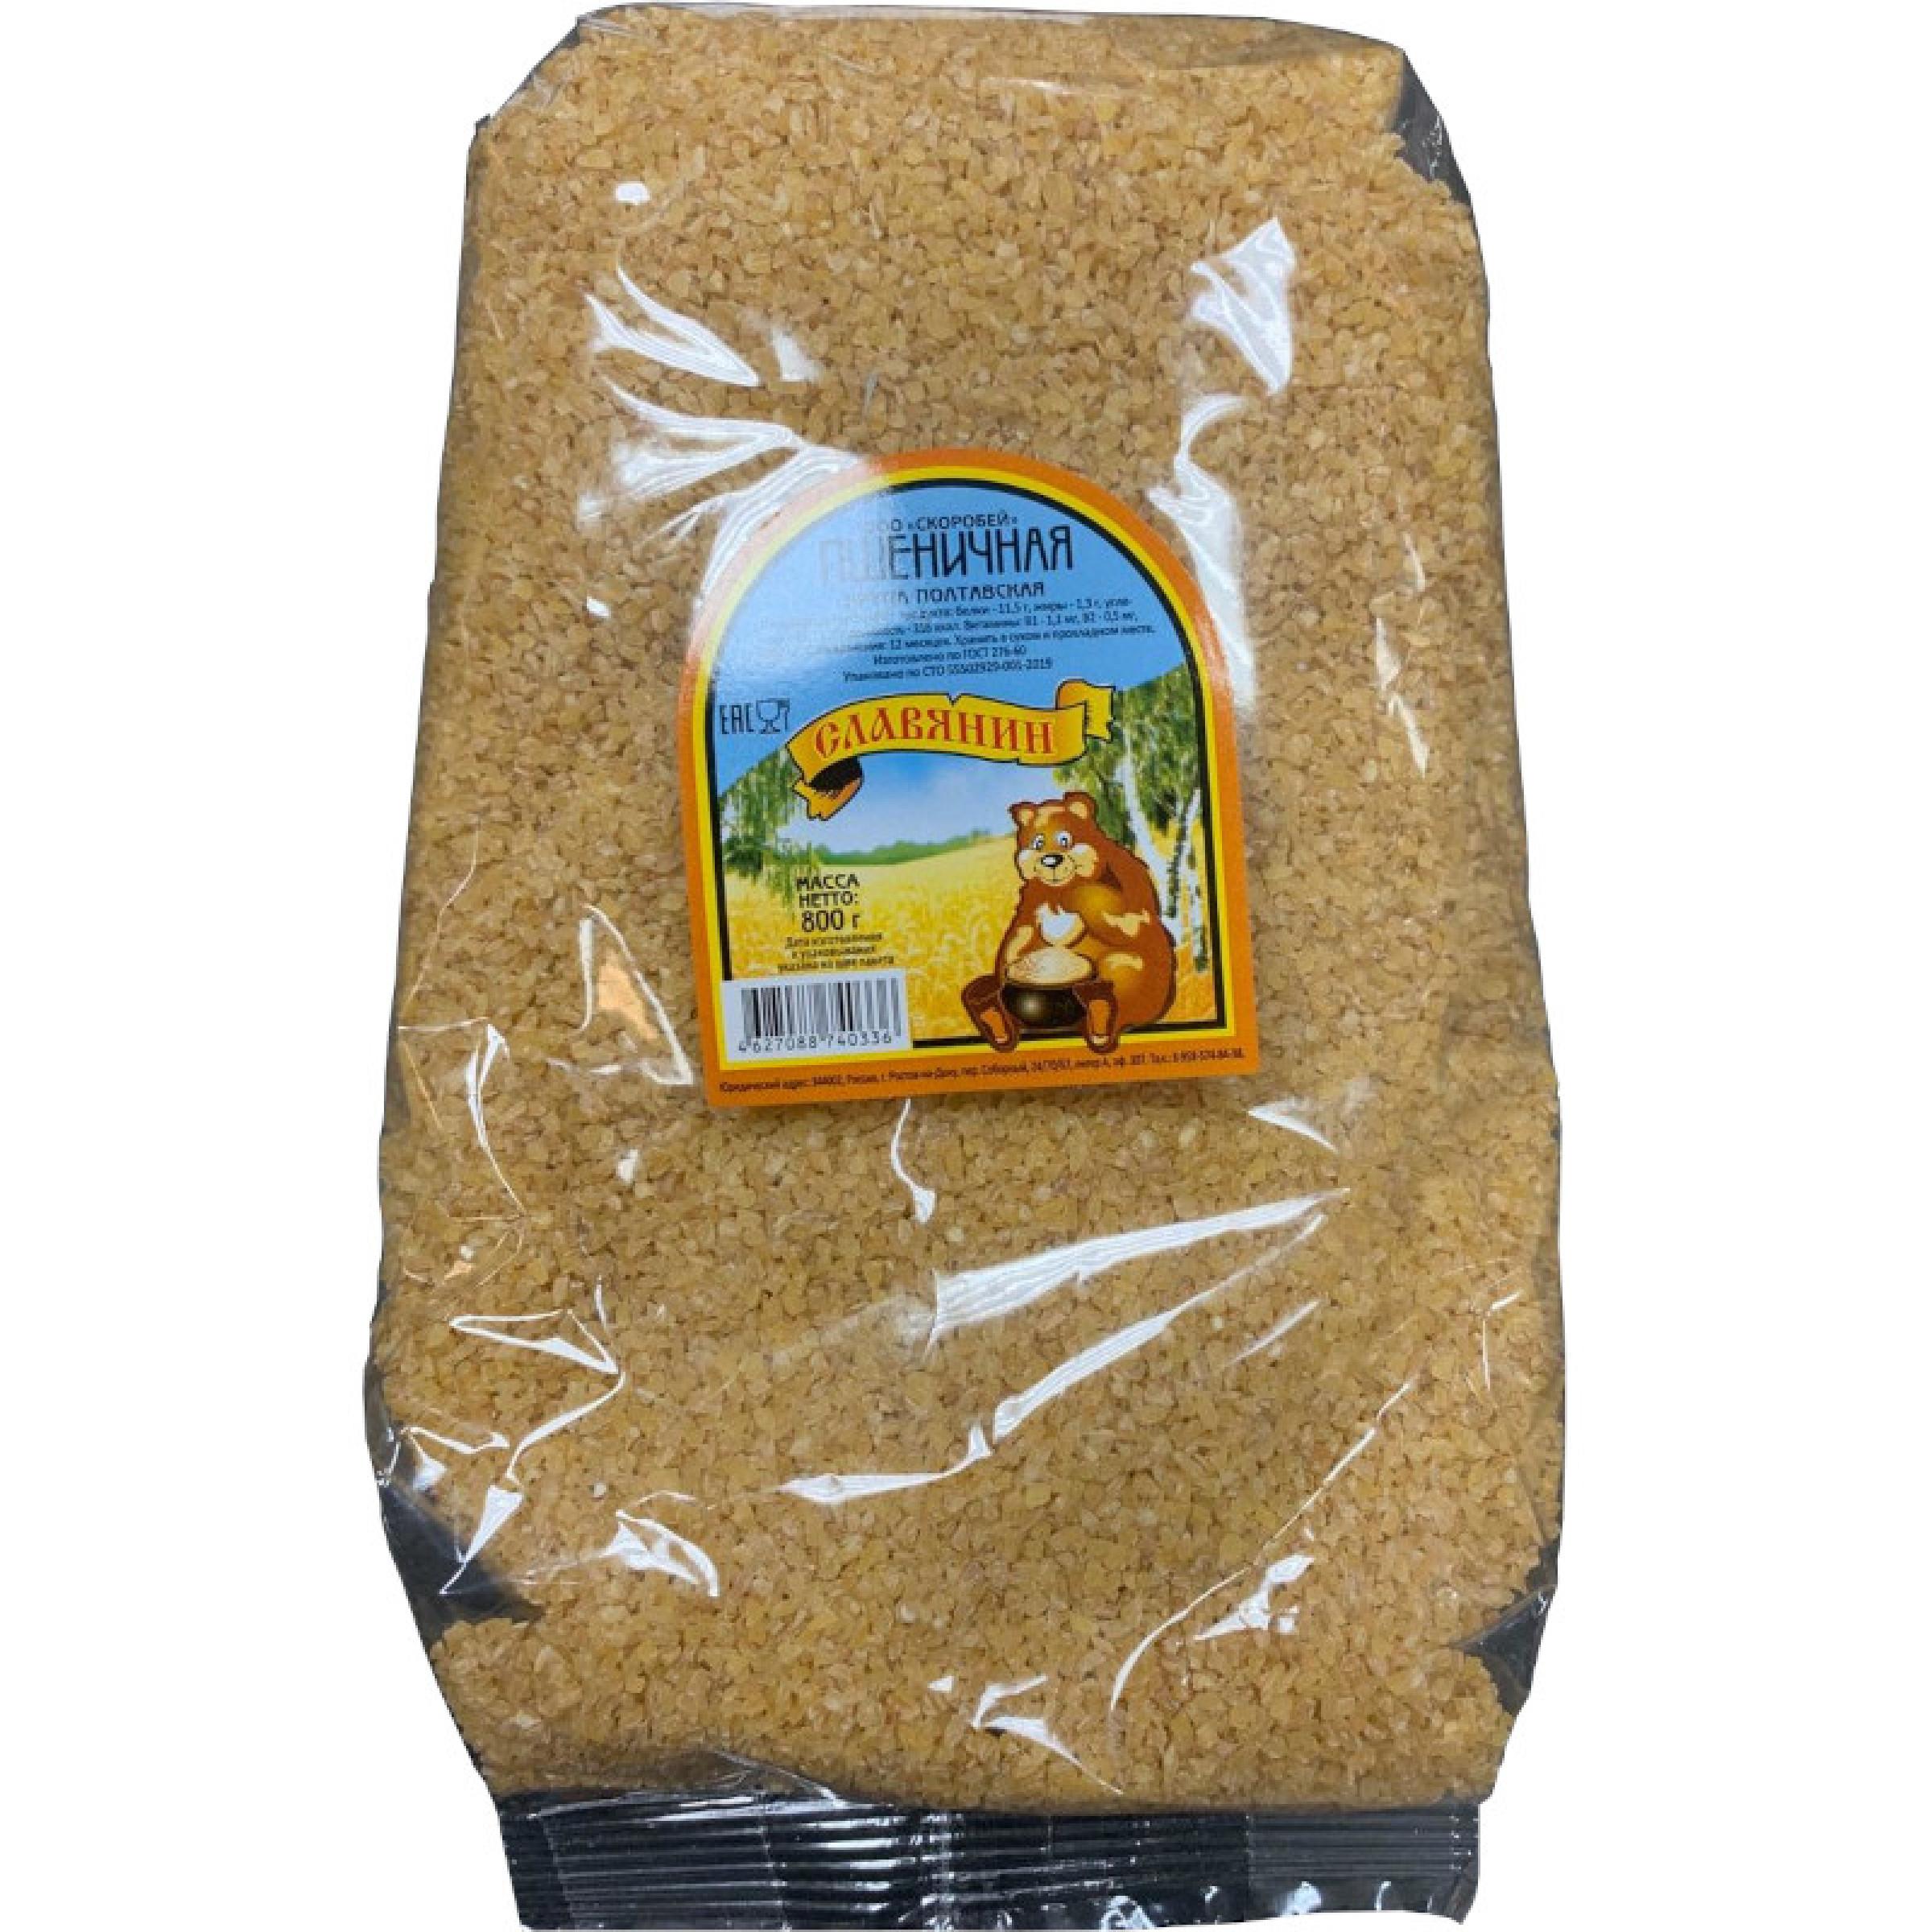 Пшеничная светлая крупа Славянин, 800гр